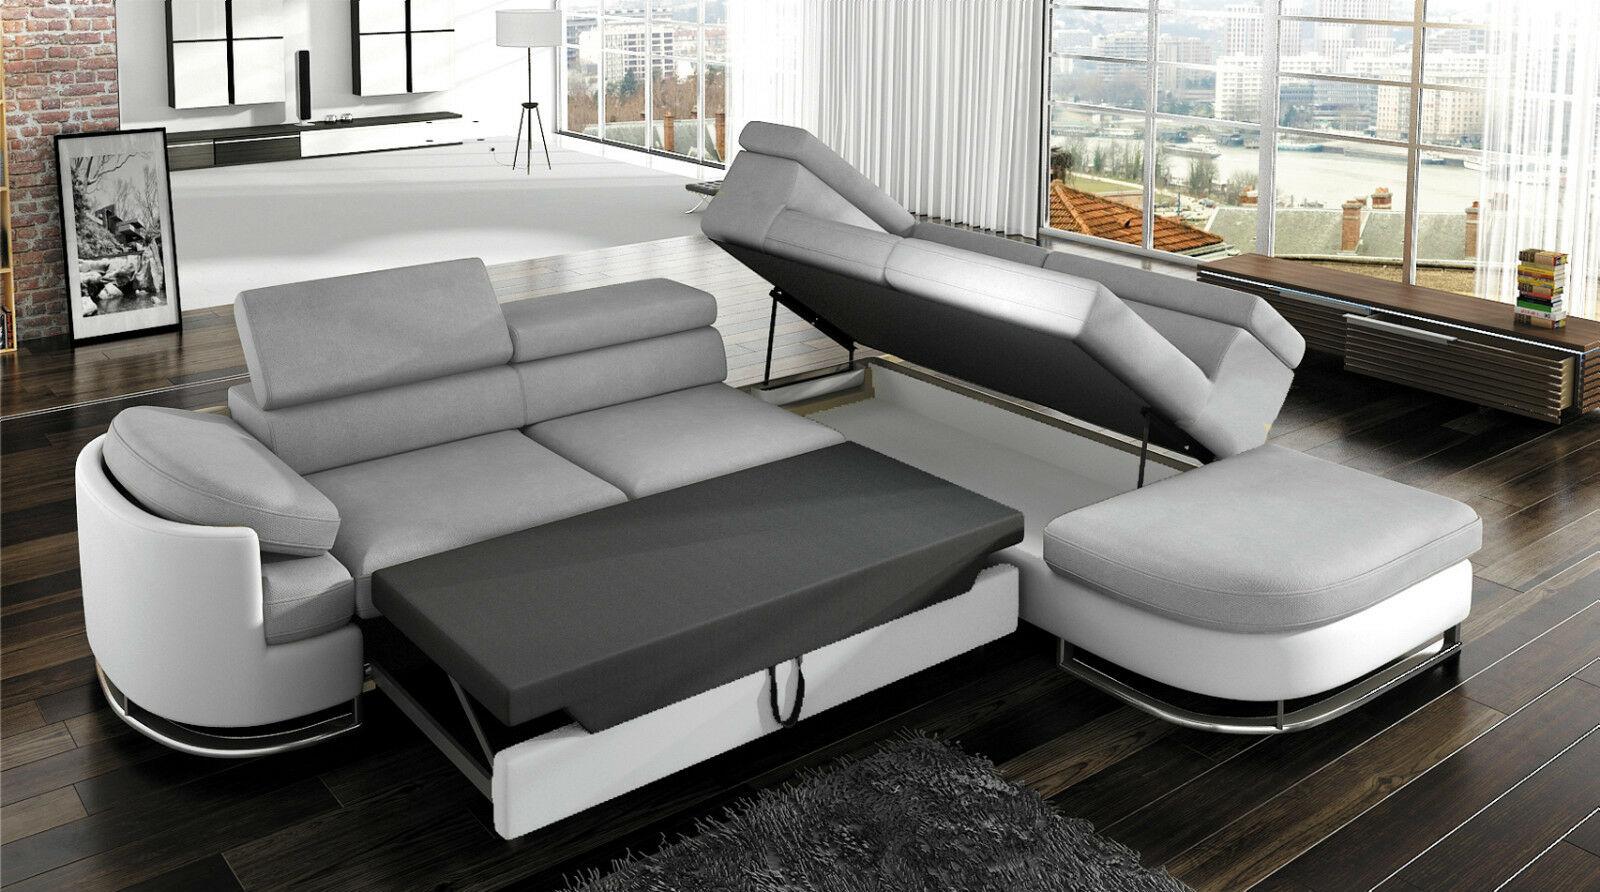 couchgarnitur ice sofa eckcouch polstergarnitur. Black Bedroom Furniture Sets. Home Design Ideas